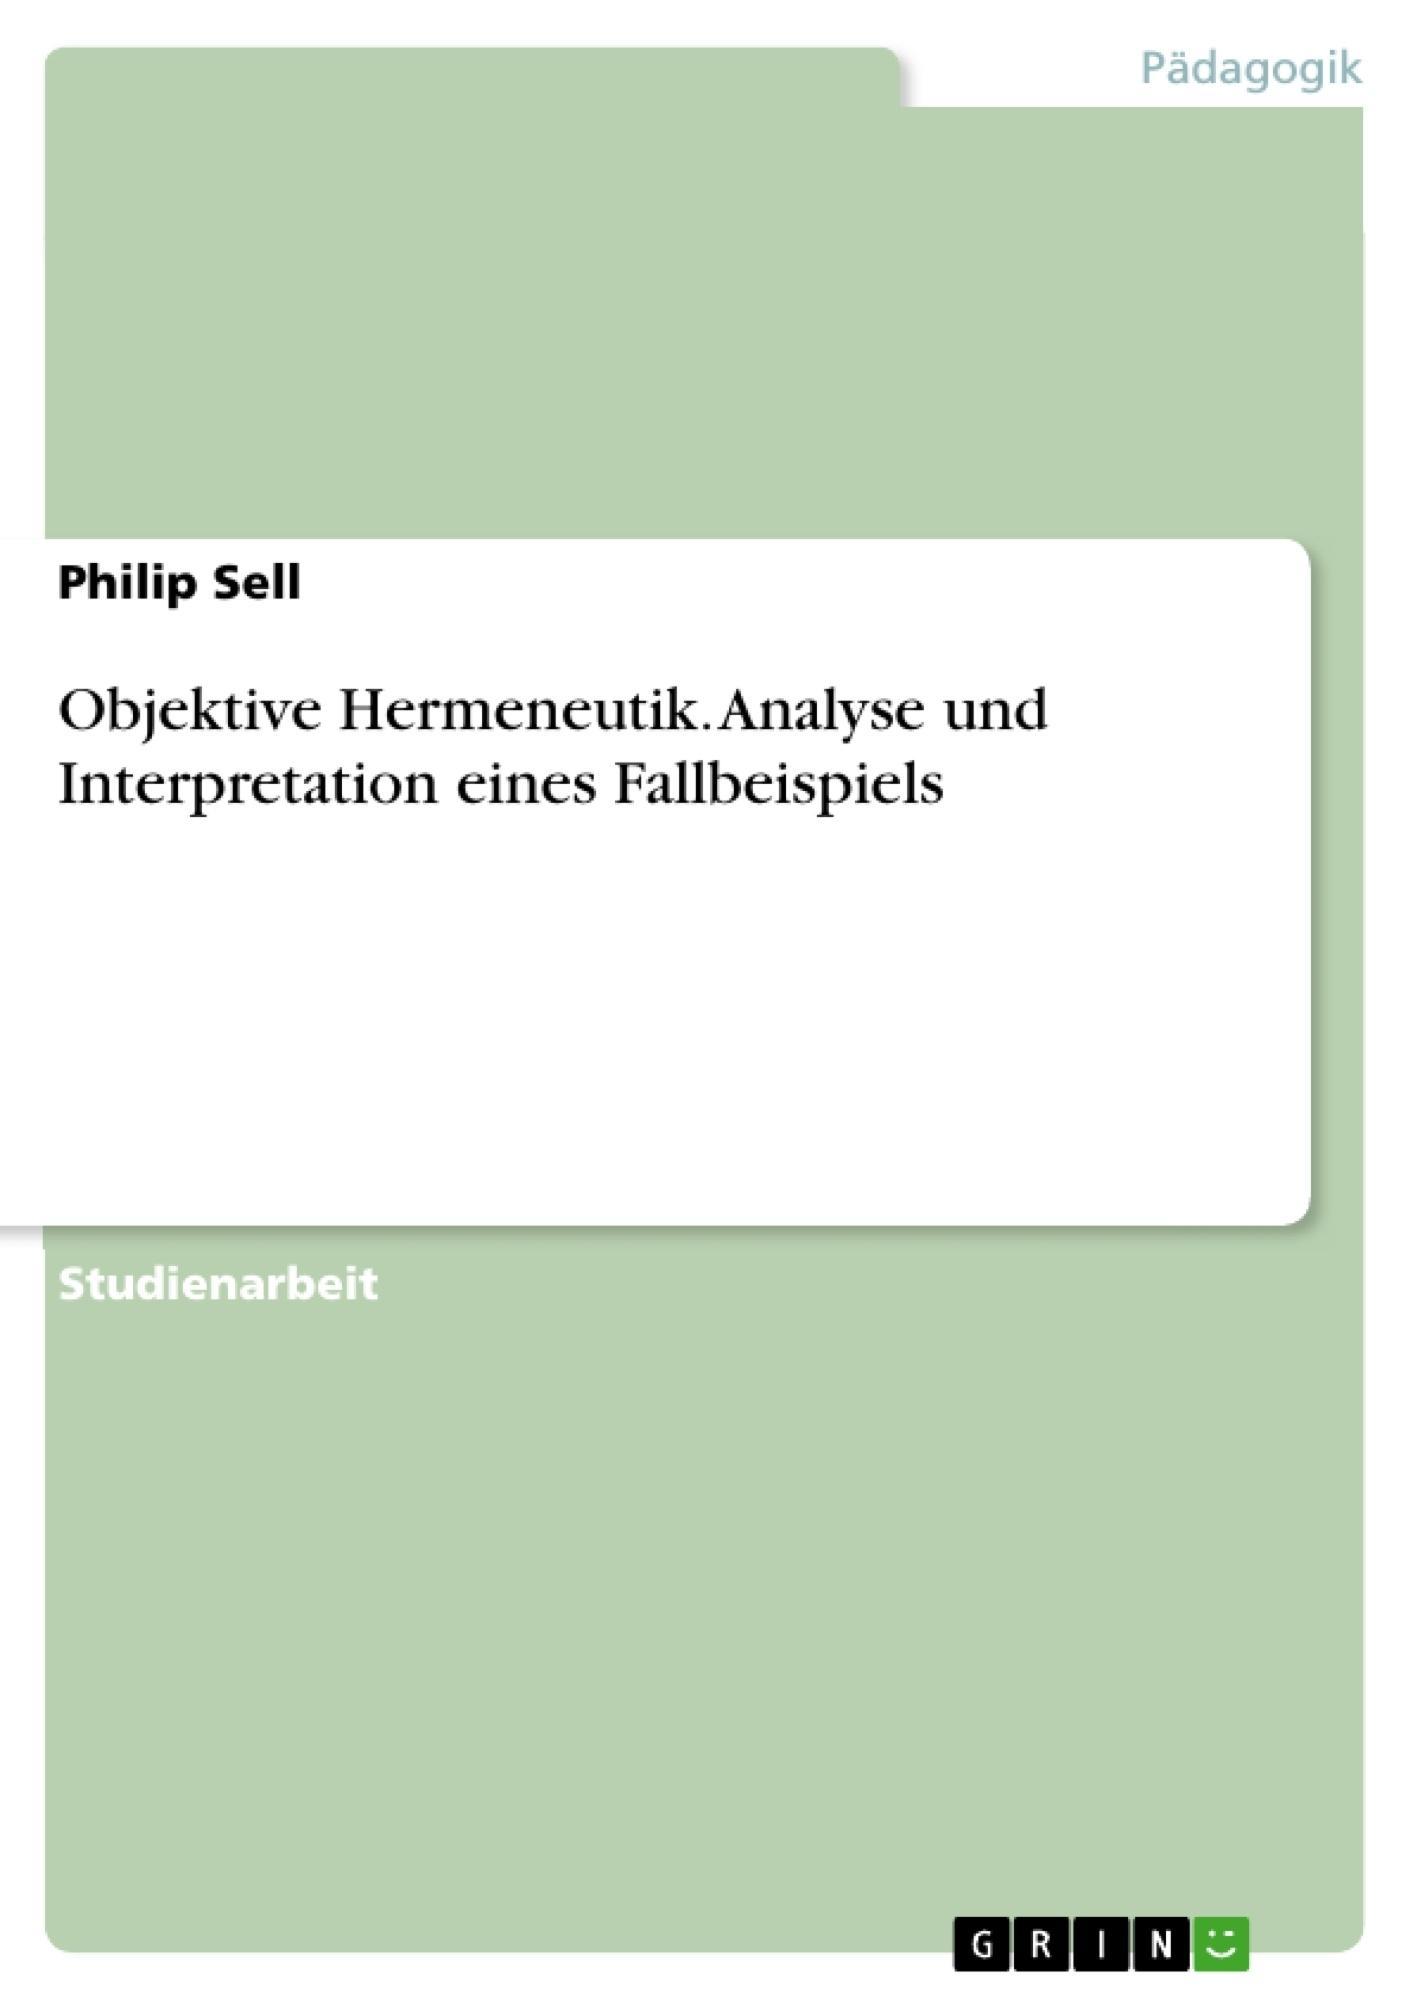 Titel: Objektive Hermeneutik. Analyse und Interpretation eines Fallbeispiels